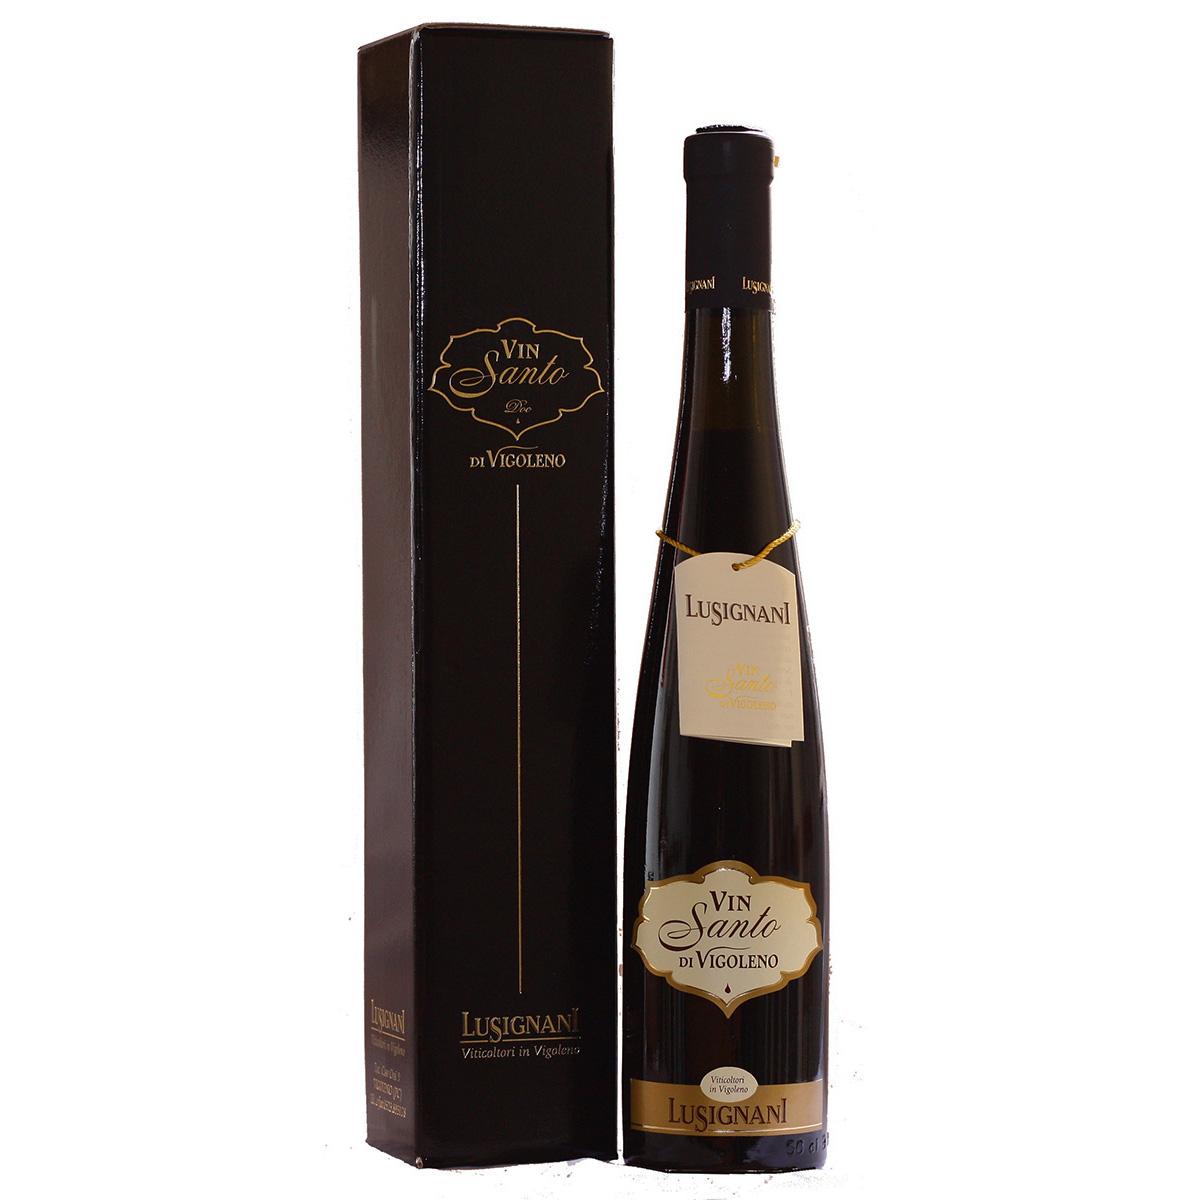 Colli Piacentini Vin Santo di Vigoleno DOC Lusignani cl50